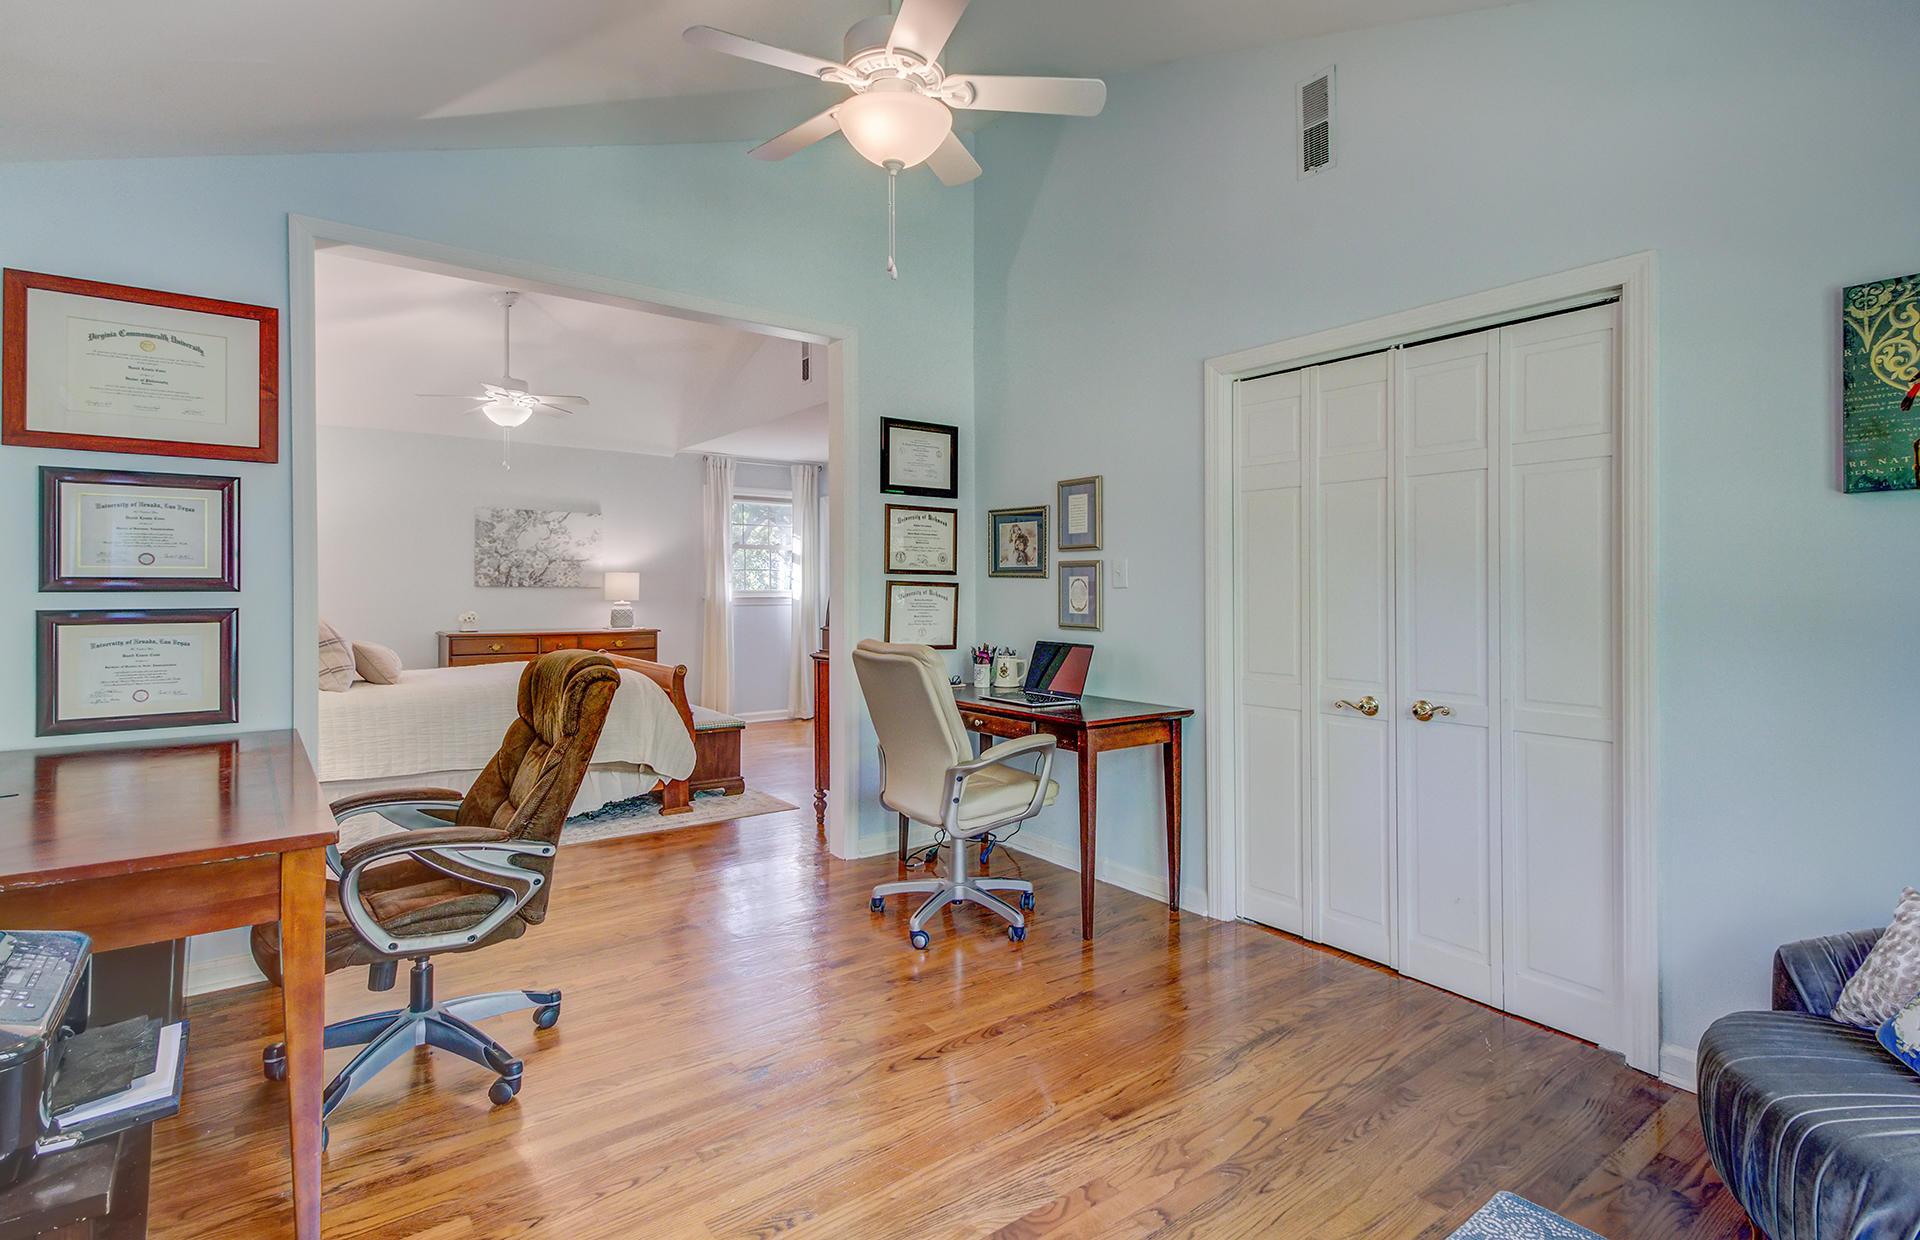 Pine Forest Inn Homes For Sale - 543 Simmons, Summerville, SC - 46